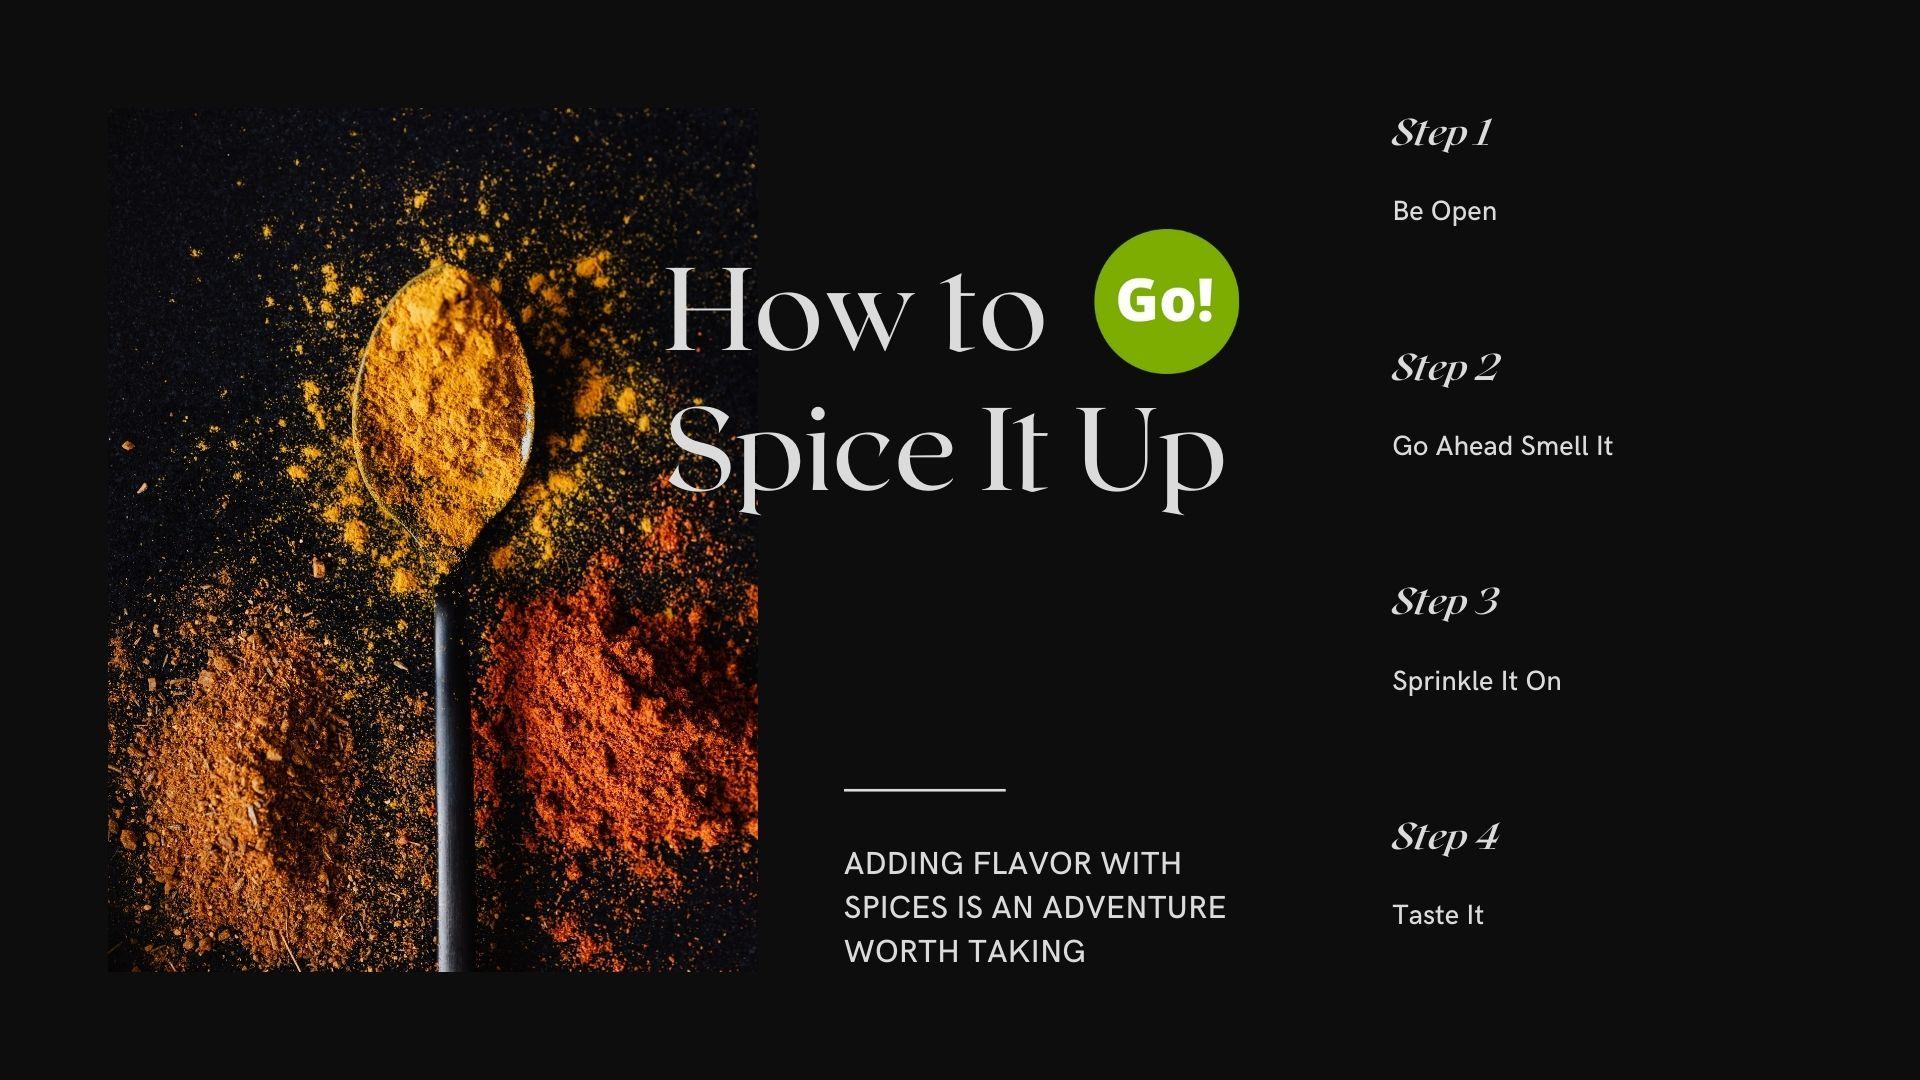 Spice It Up – +3 Prize Points